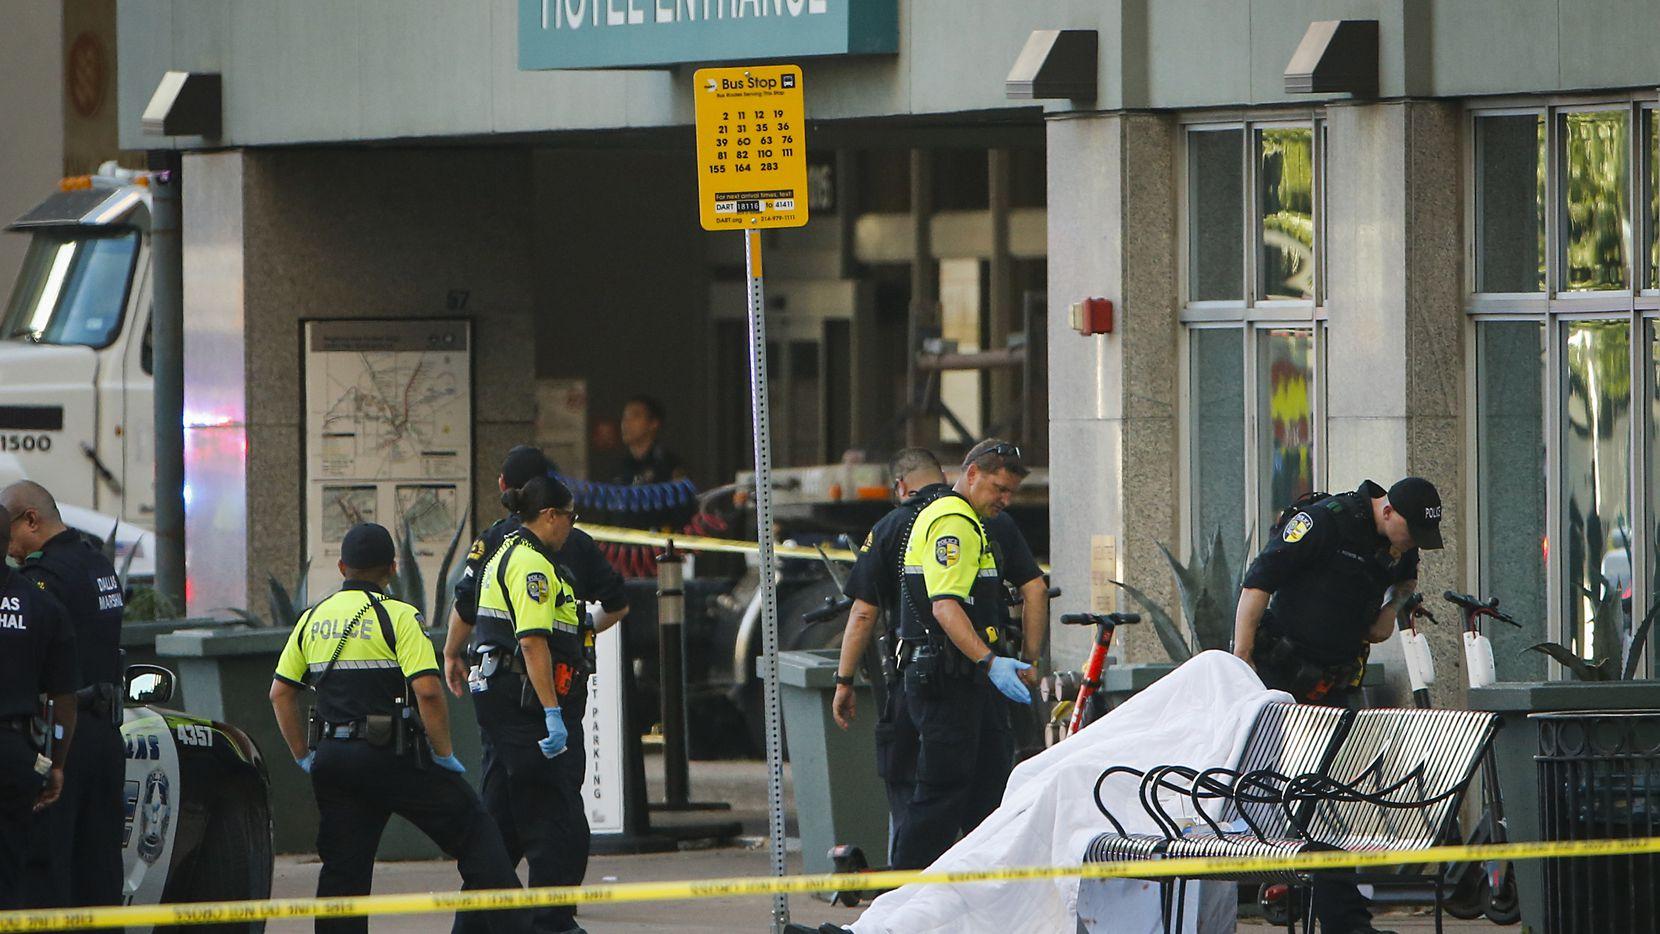 Agentes de DART acudieron a la escena donde una persona resultó muerta en un tiroteo en el centro de Dallas.